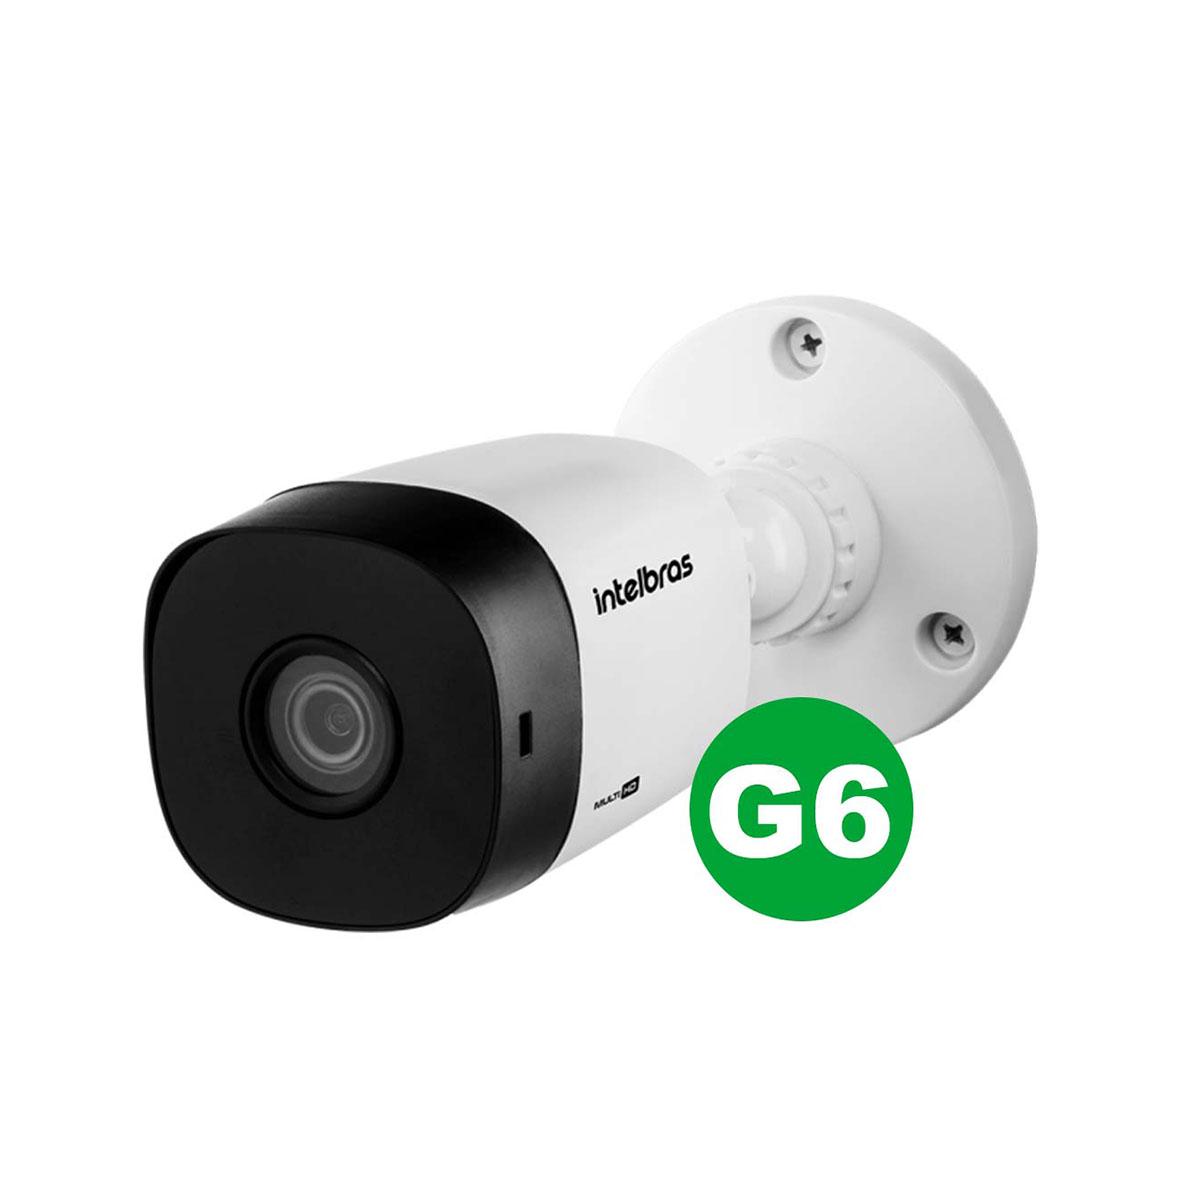 Kit Câmera Intelbras Vhd 1220 B G6 1080p 3.6mm + Acessórios